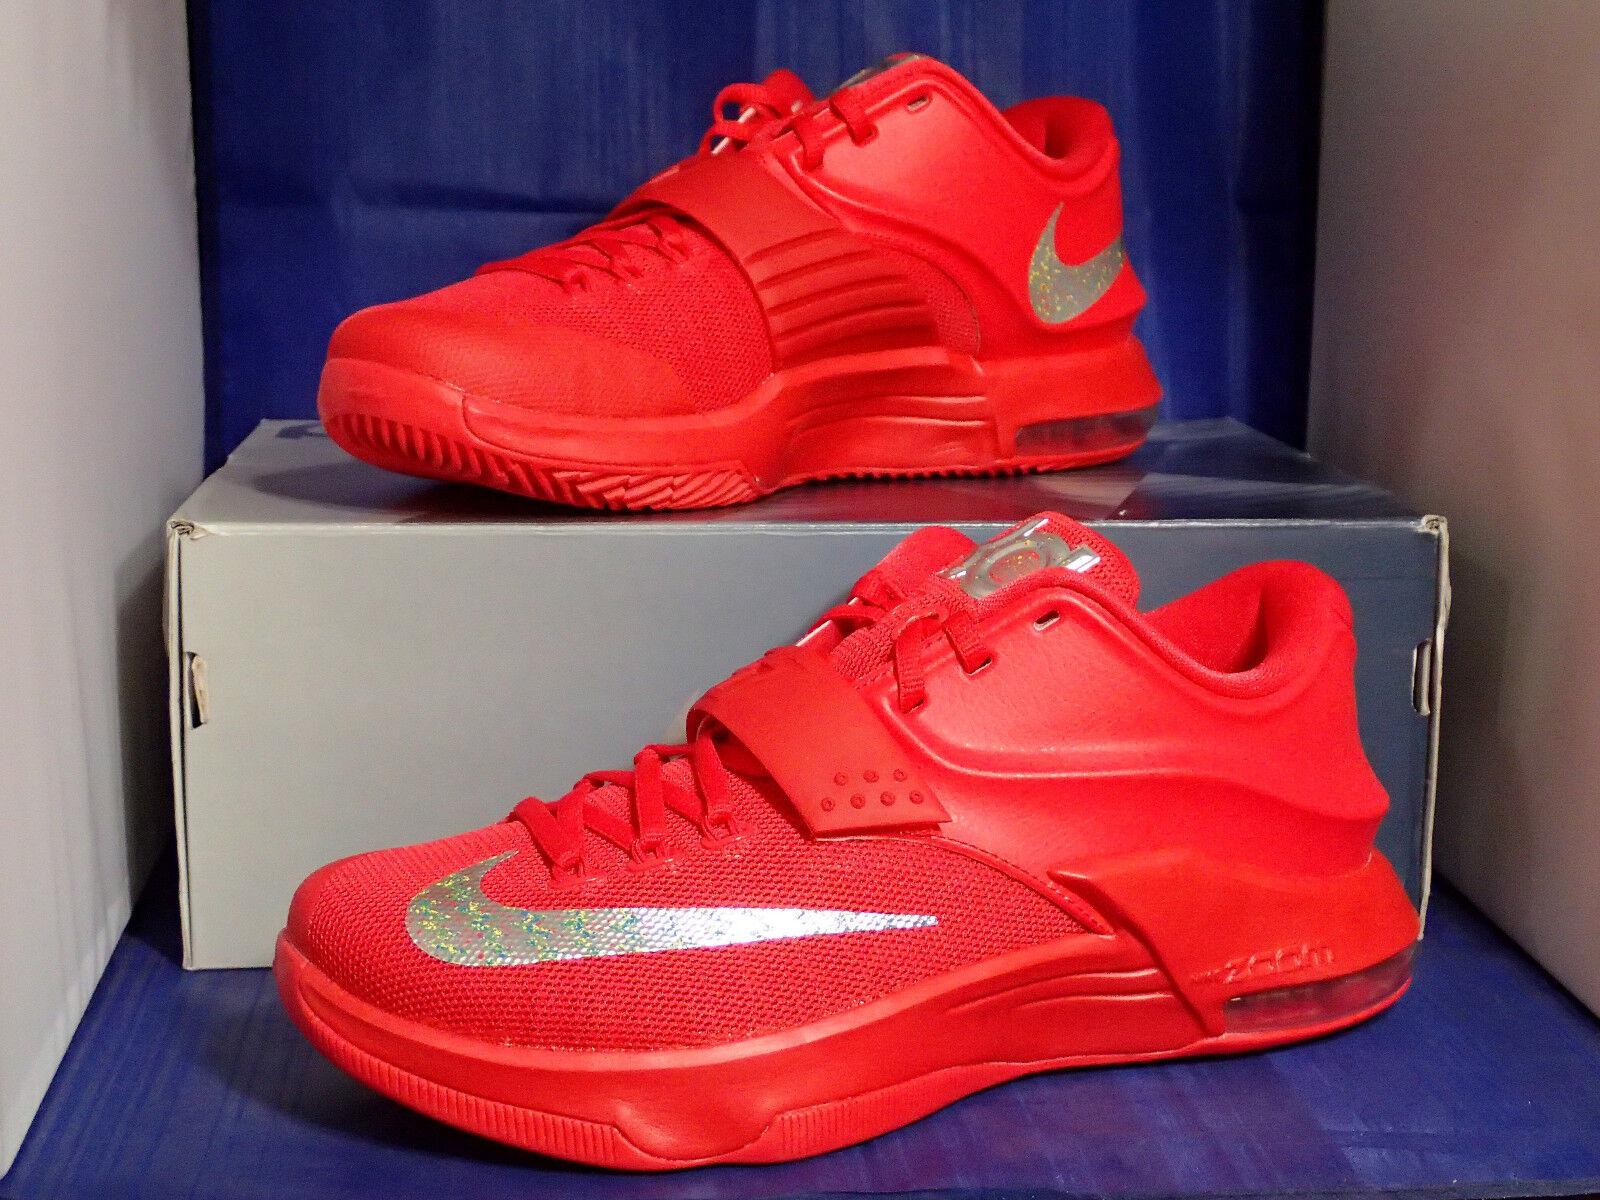 Nike kd vii 7 global spiele roter oktober 8 kevin durant sz - 8 oktober (653996-660) 78437d